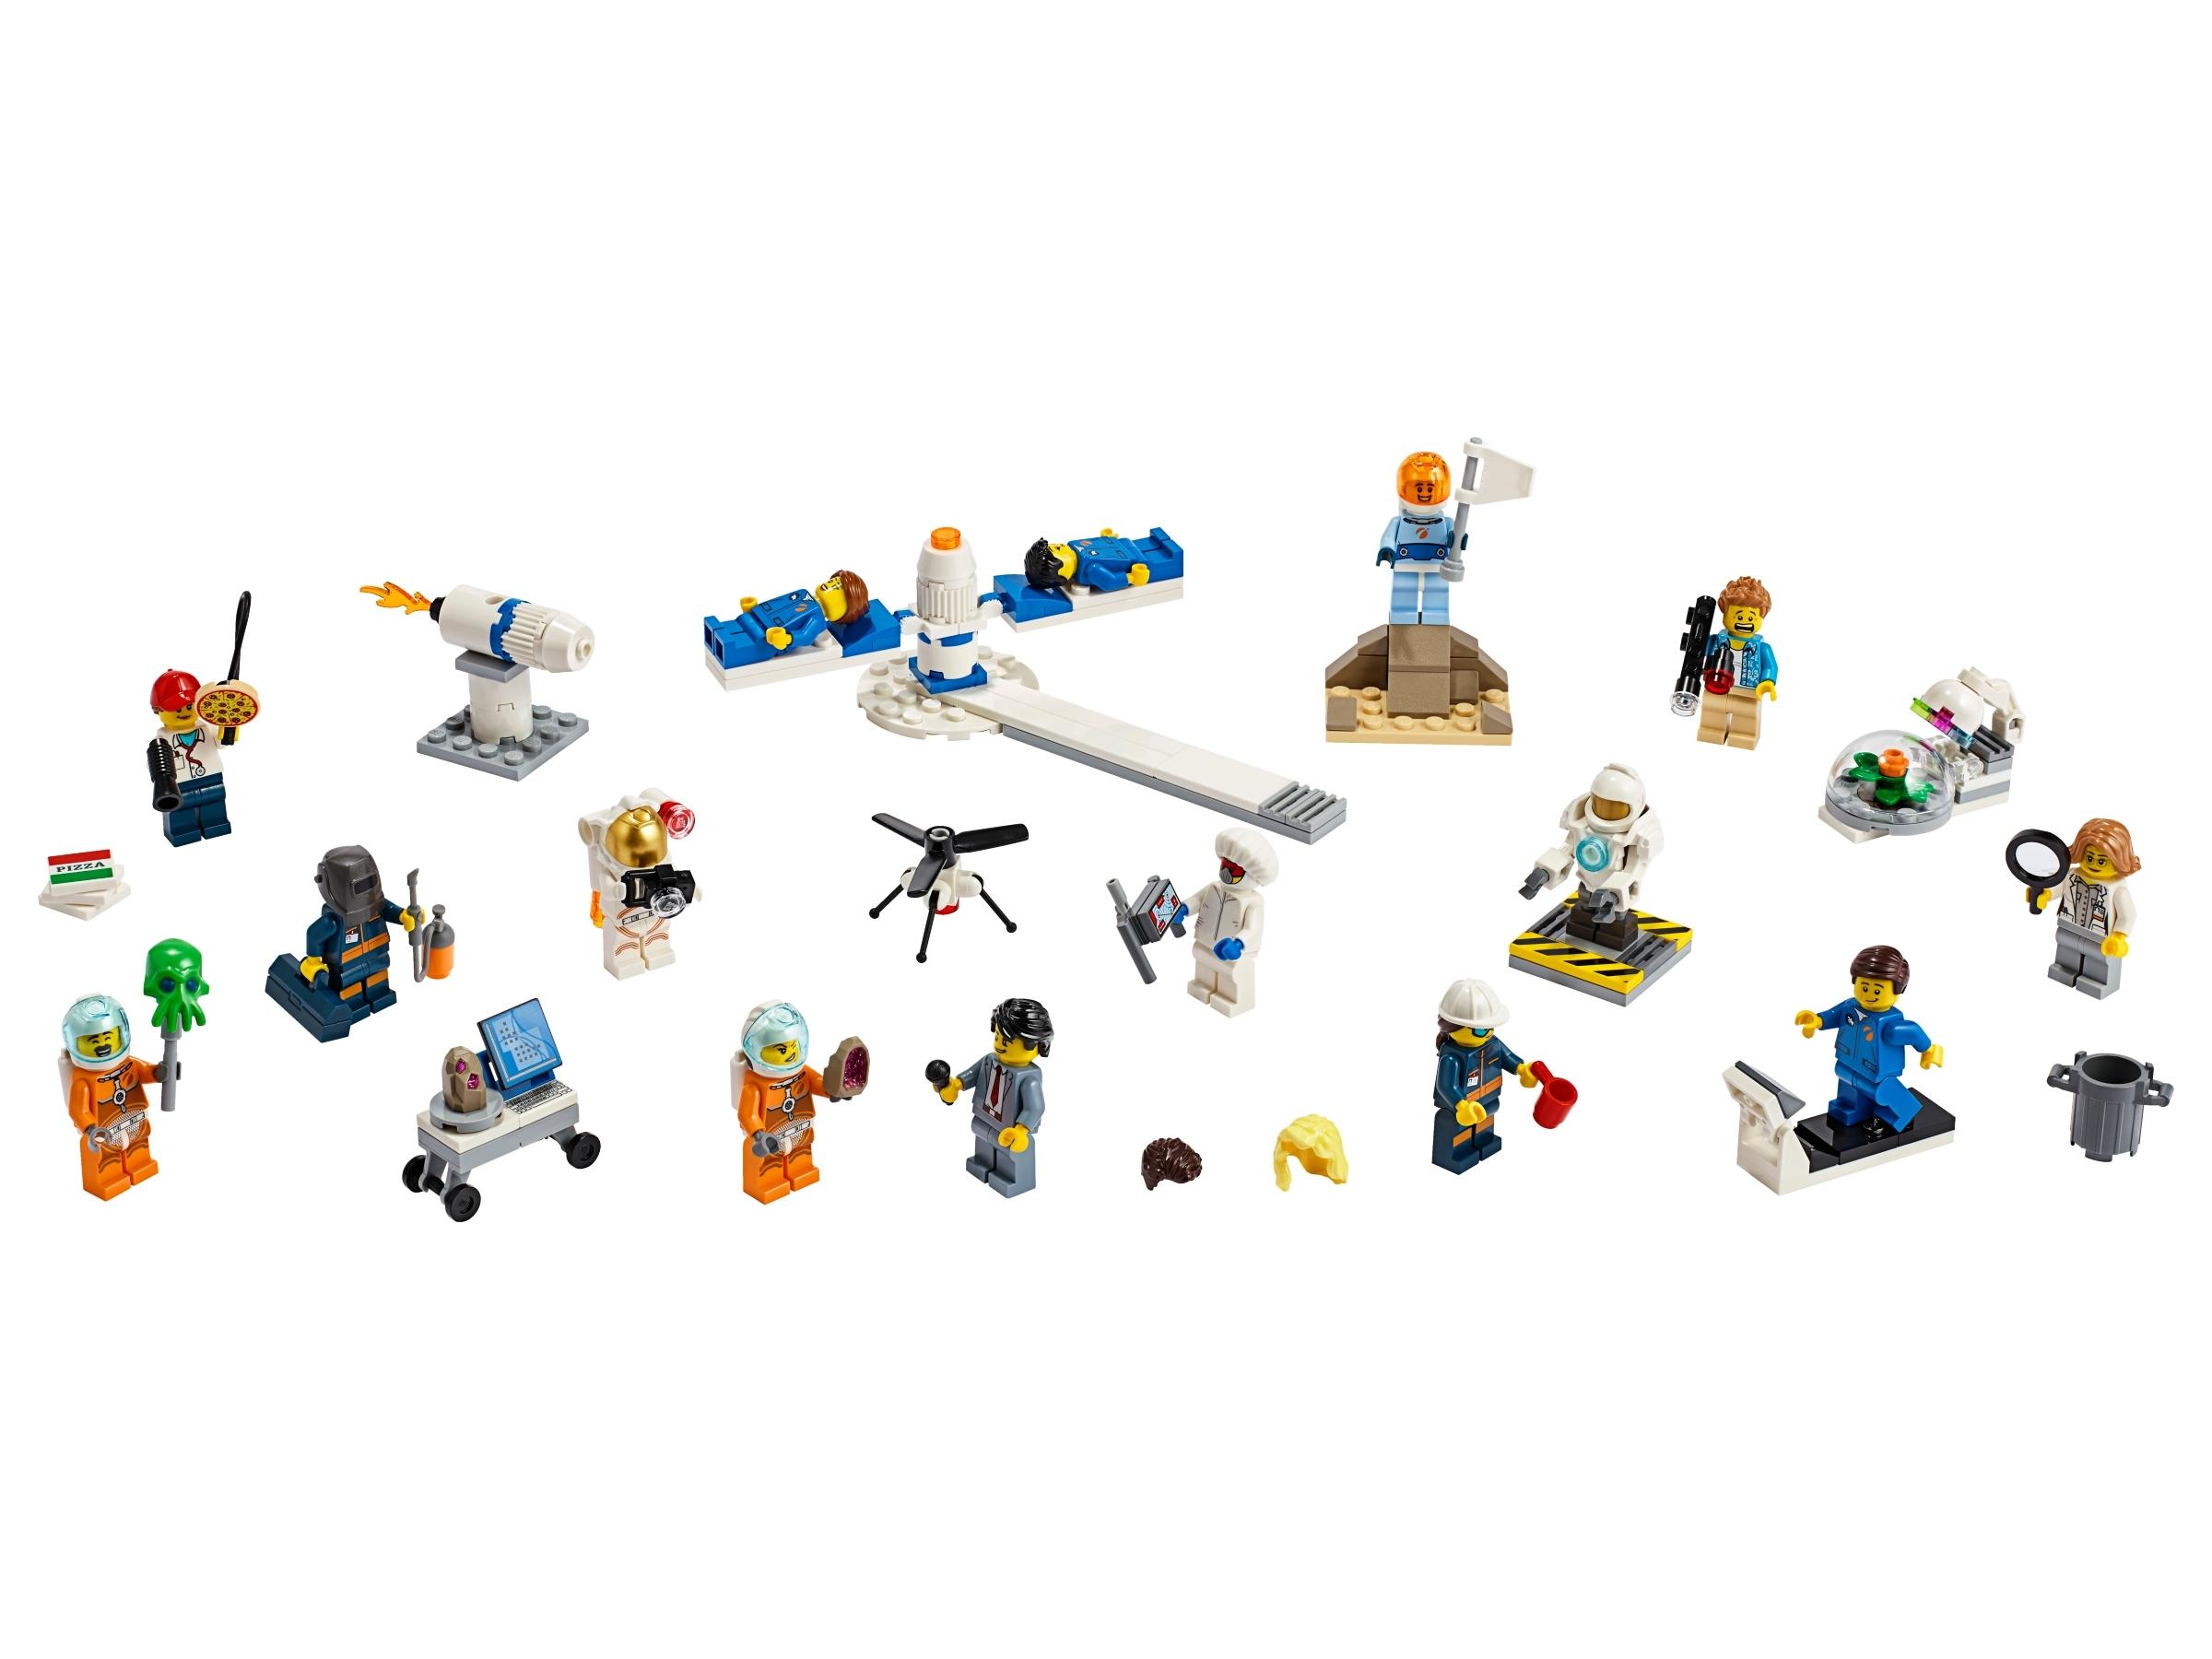 lego personenset ruimteonderzoek 60230